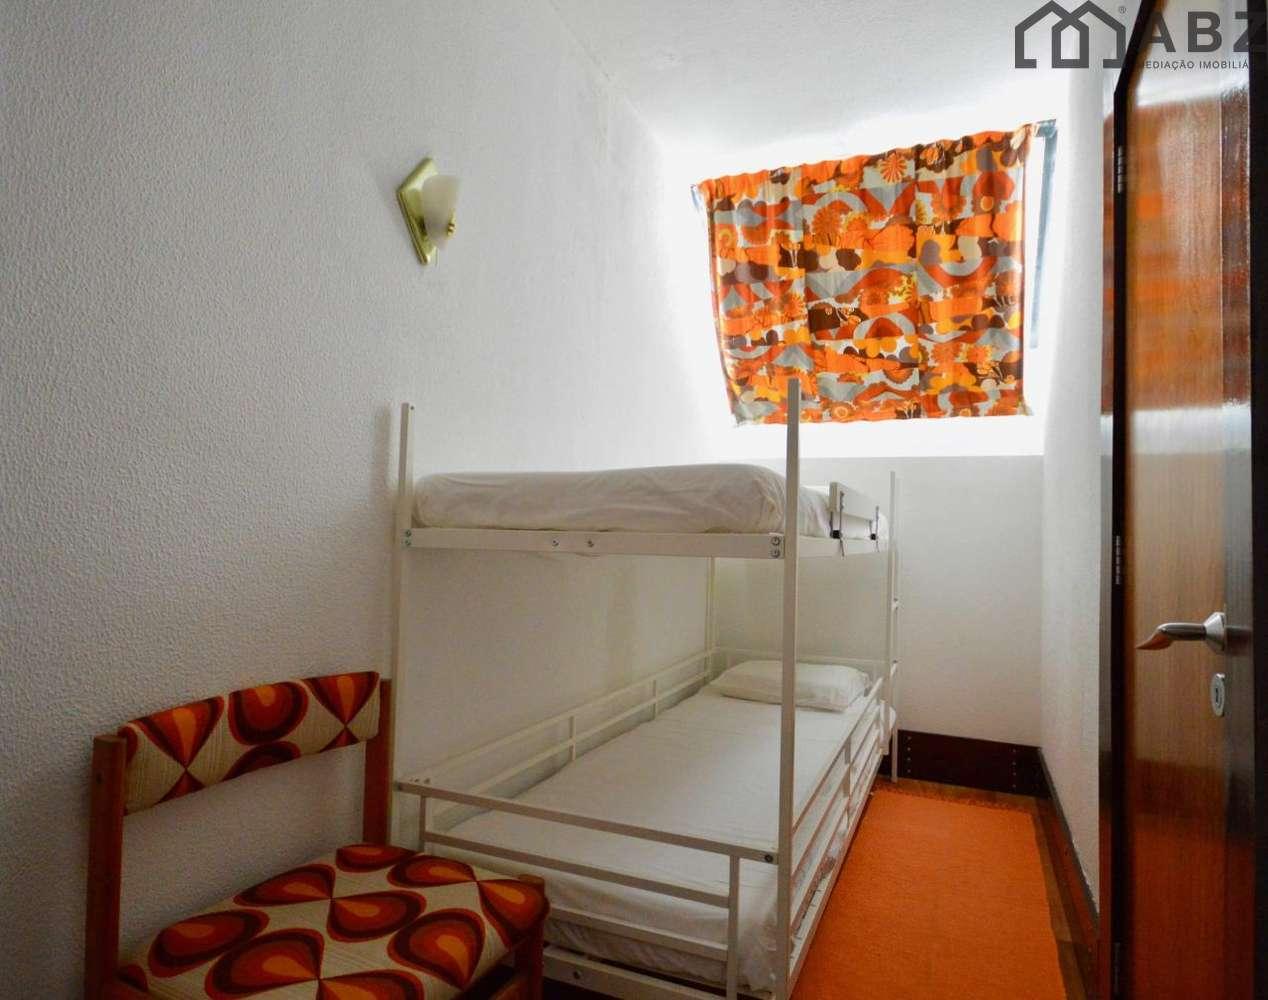 Apartamento para férias, Carvalhal, Setúbal - Foto 20